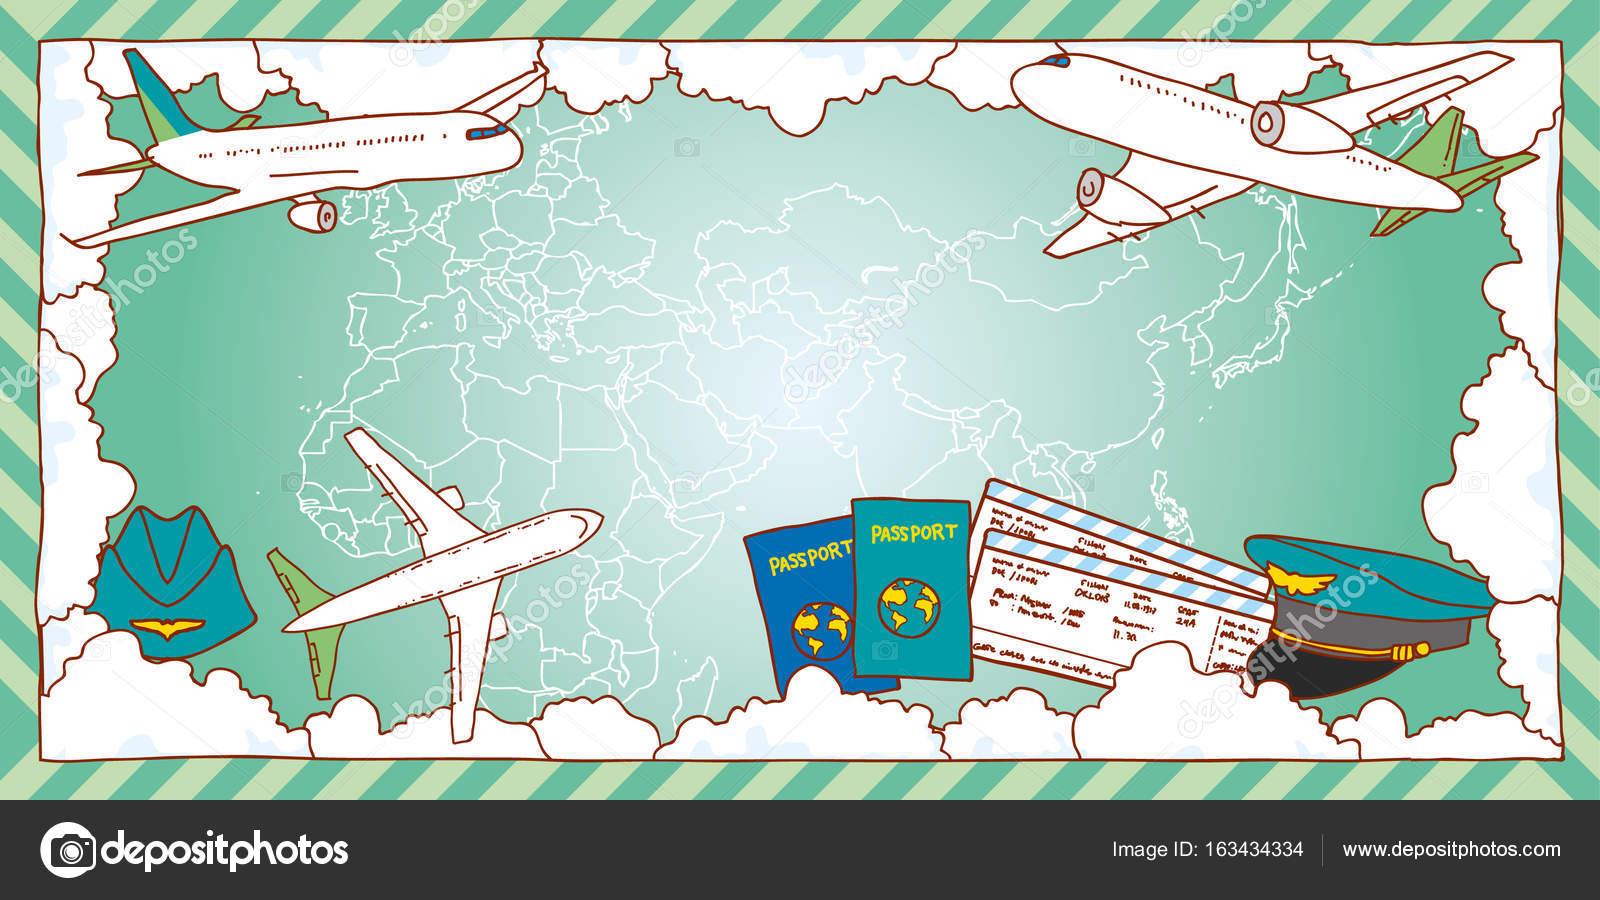 06553c8a47 Marco de concepto de viaje de aire. Mapa del mundo